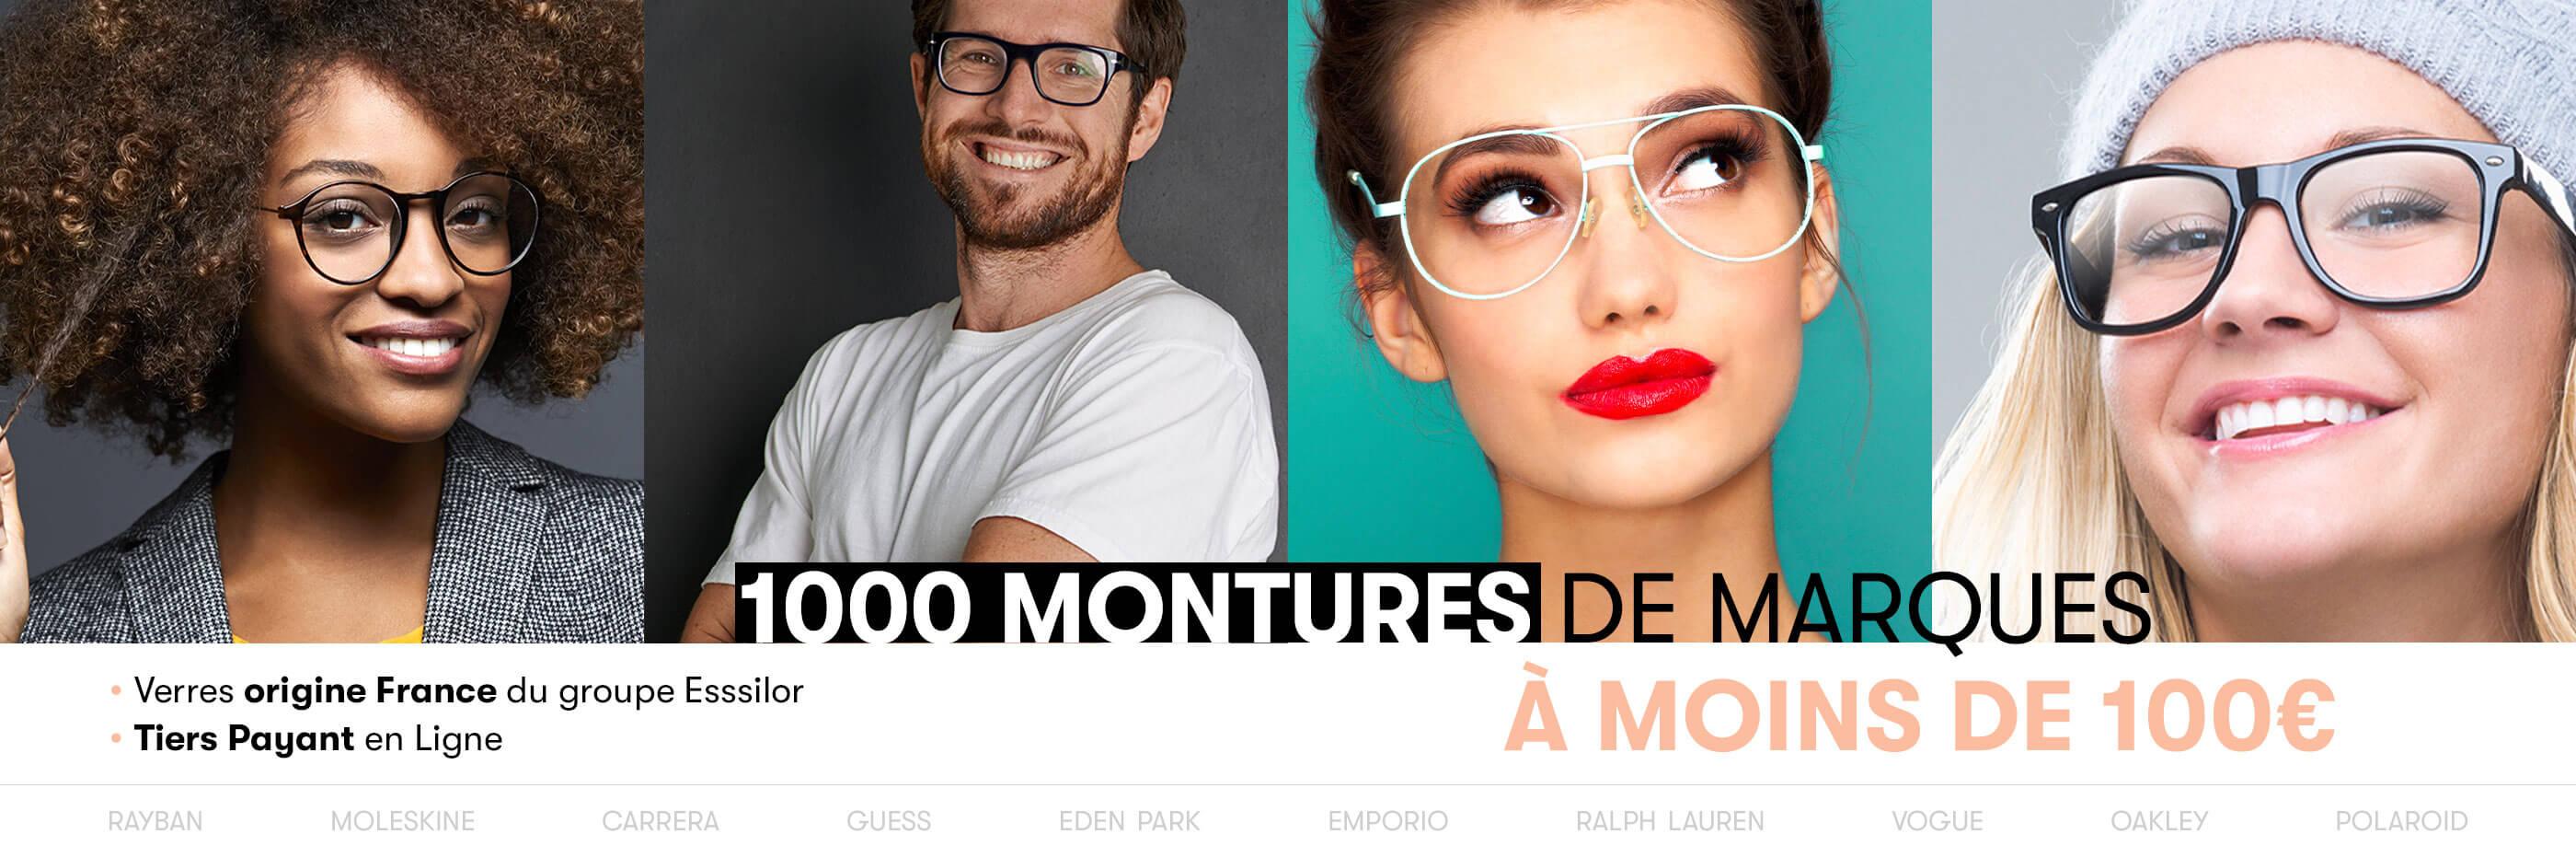 1000 montures de marque à moins de 100 €